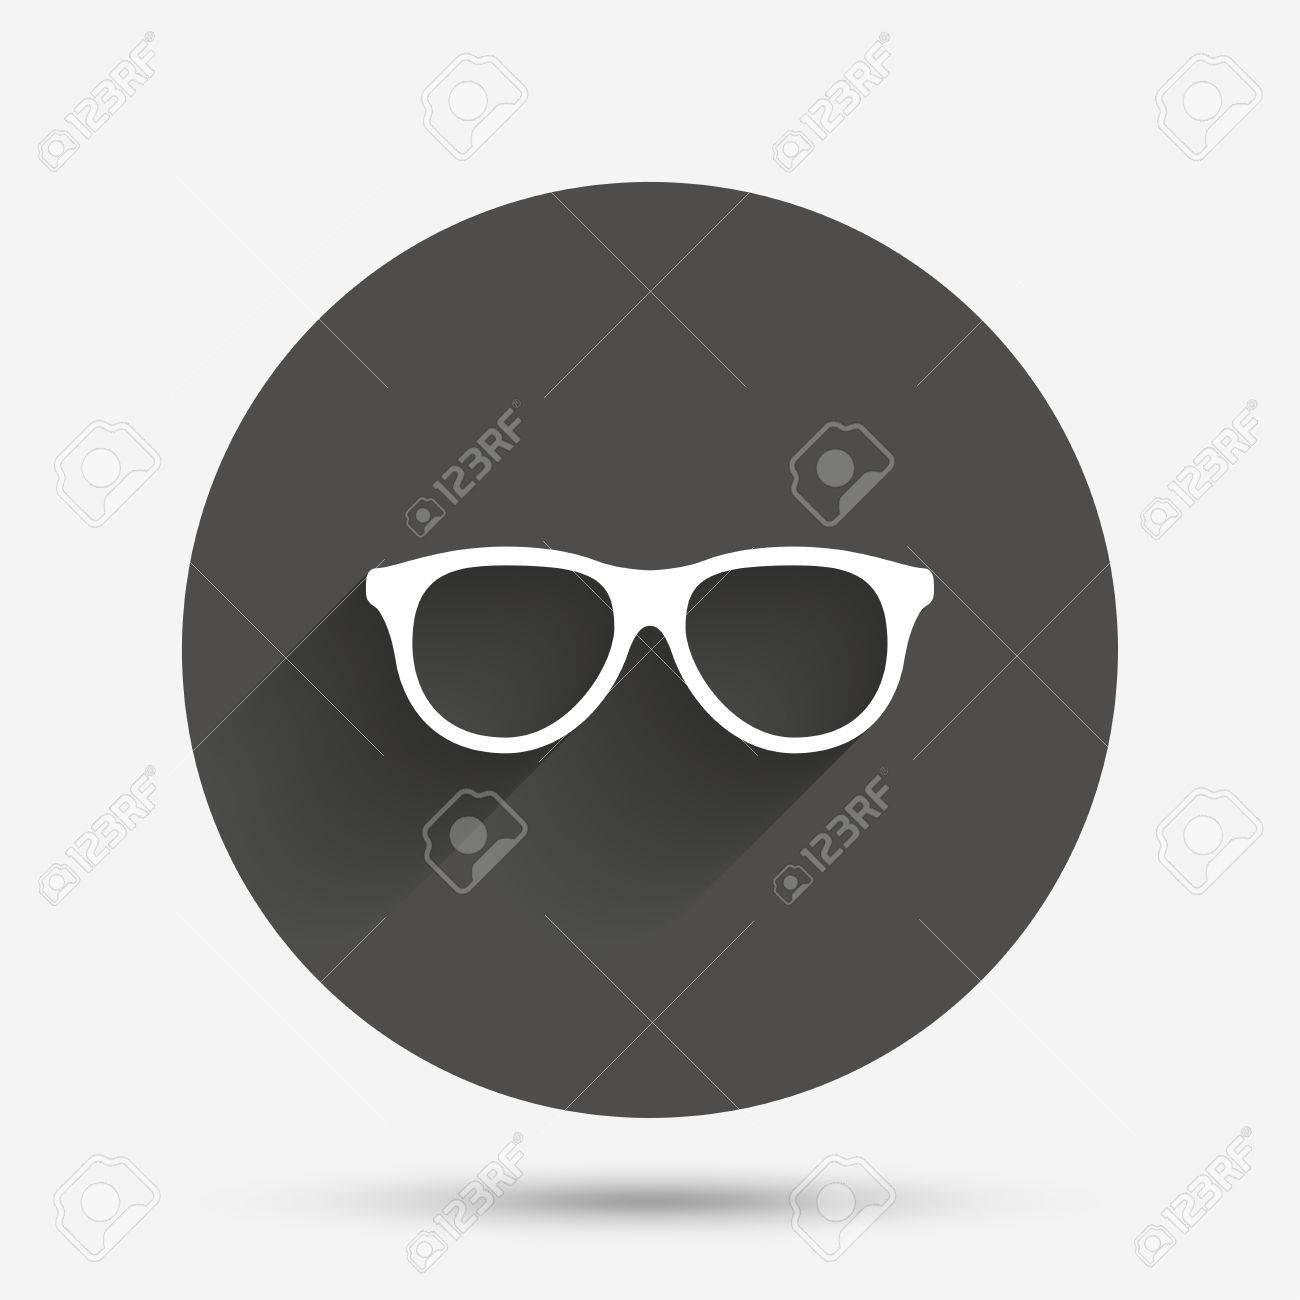 Gafas Retro Icono De La Muestra. Símbolo De Montura De Gafas ...